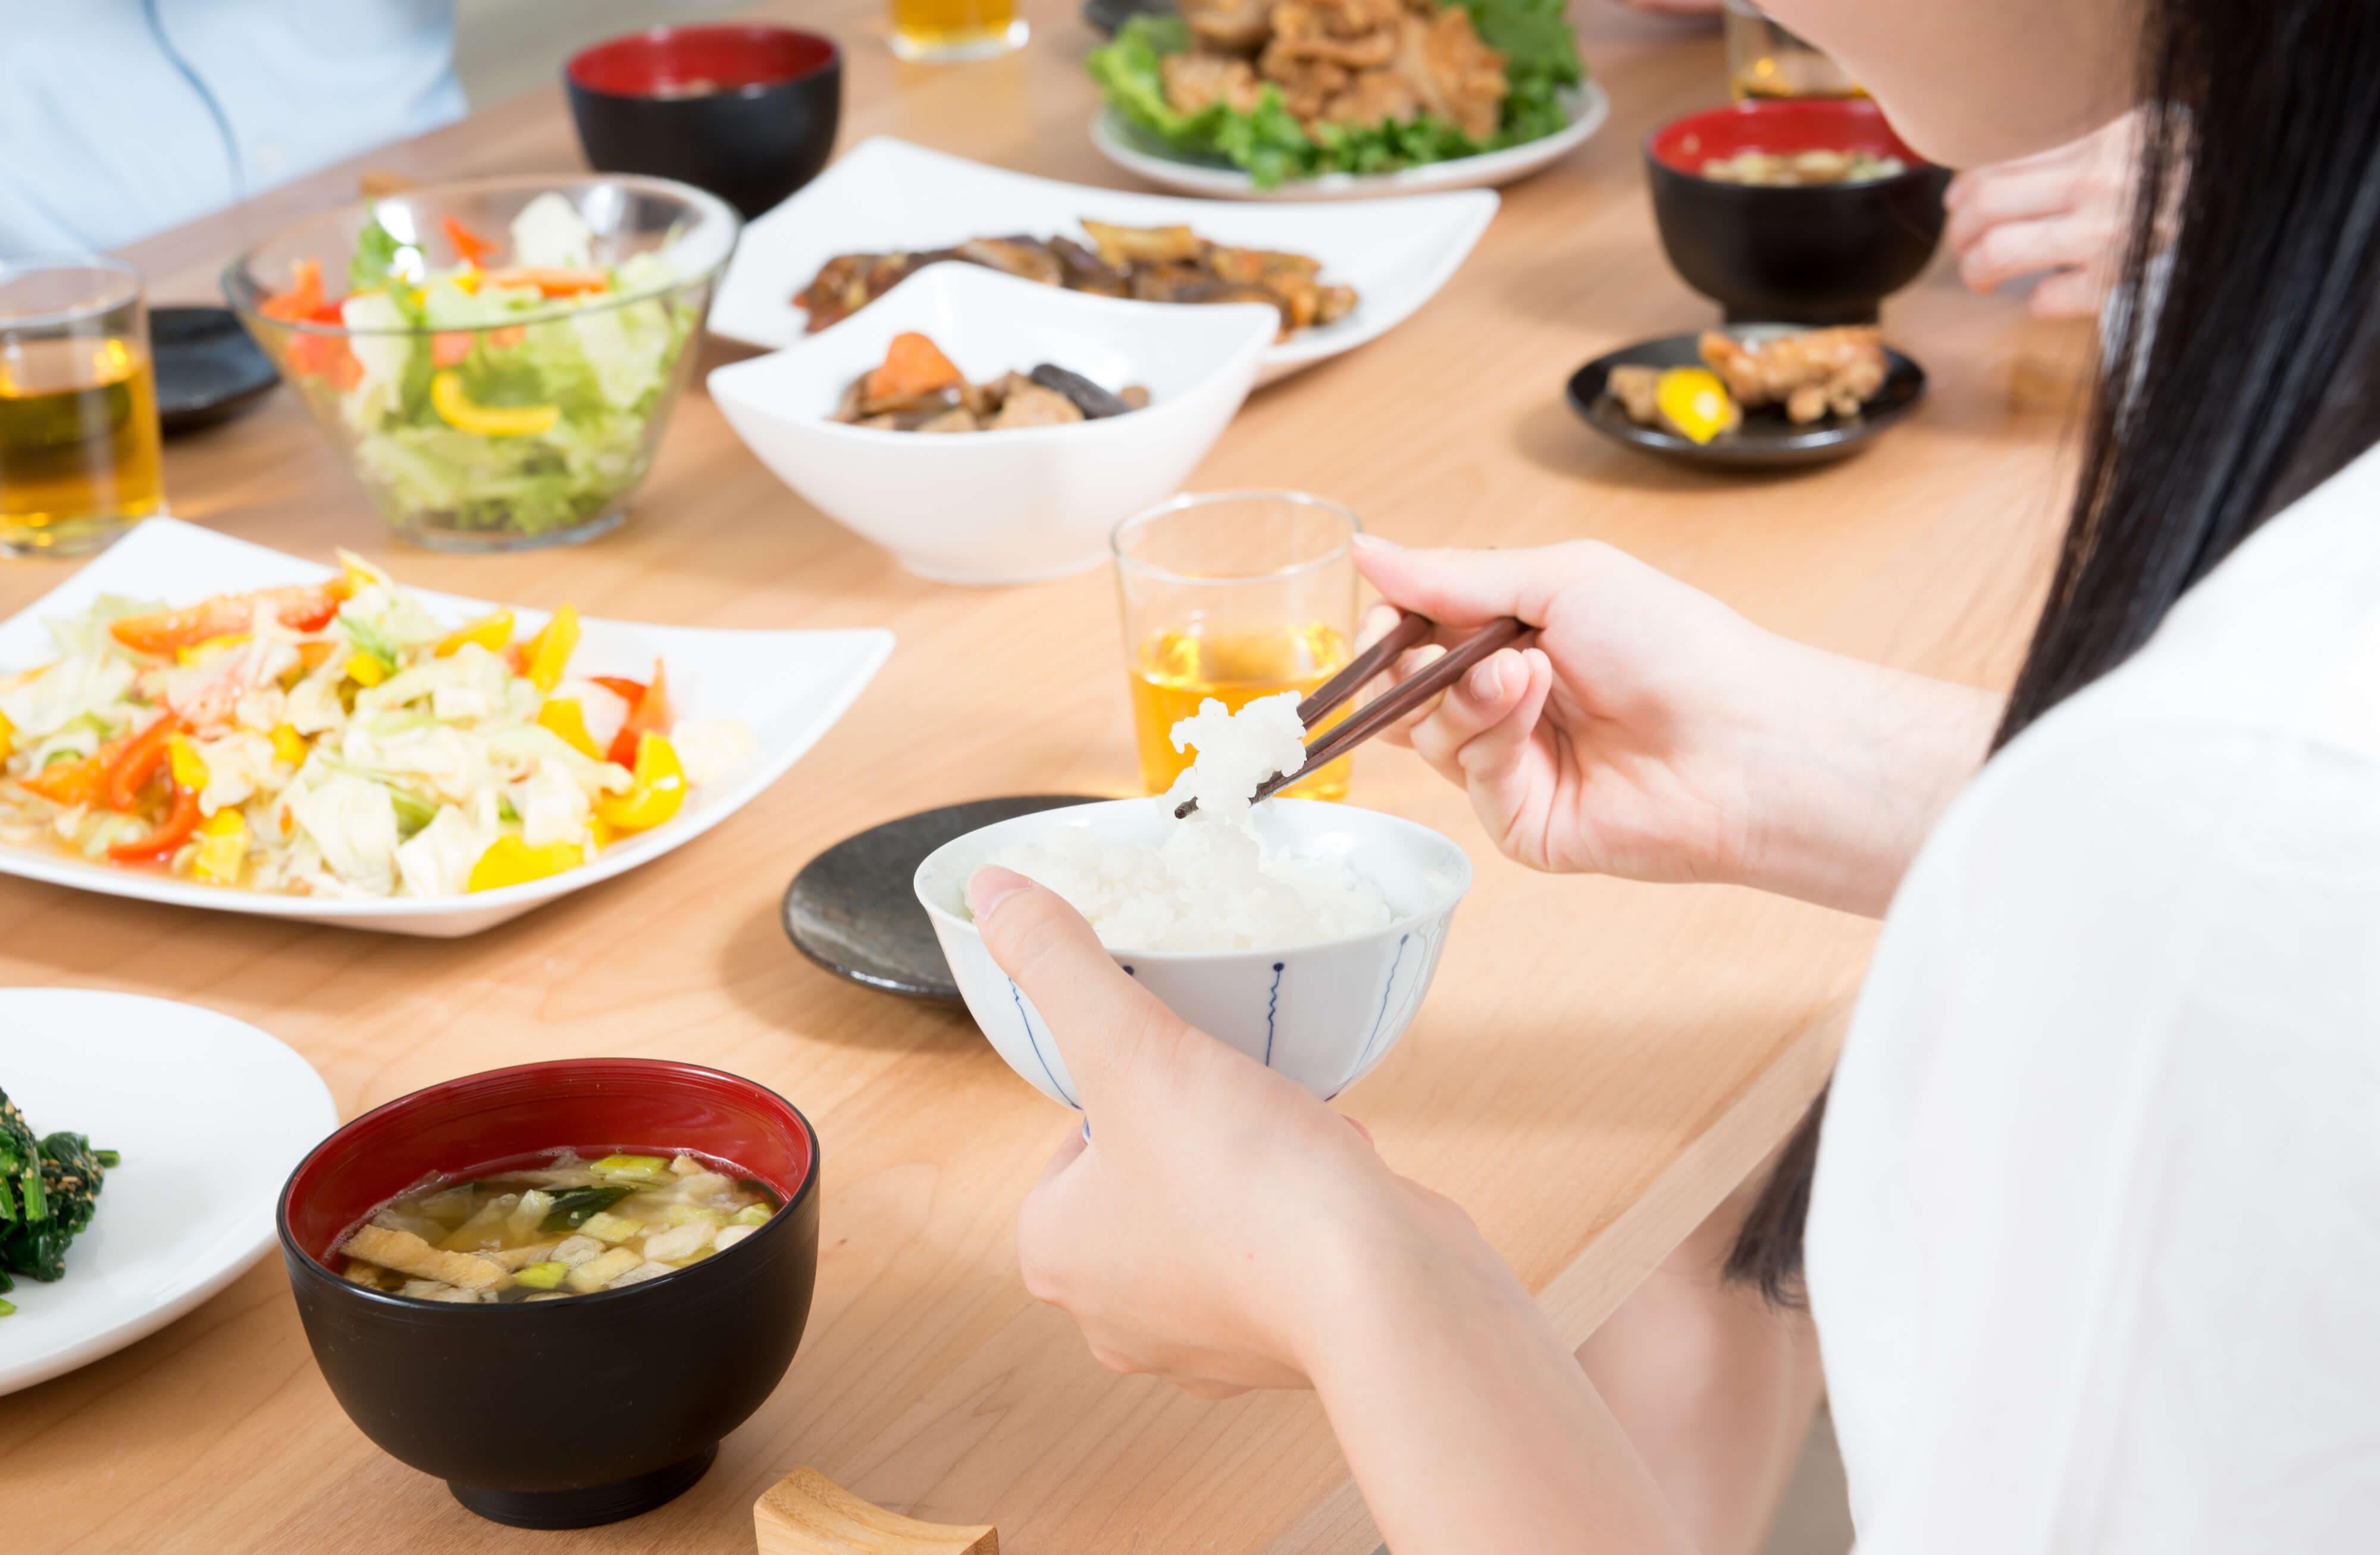 【レシピ付き】妊娠力を高める四つのおすすめ料理